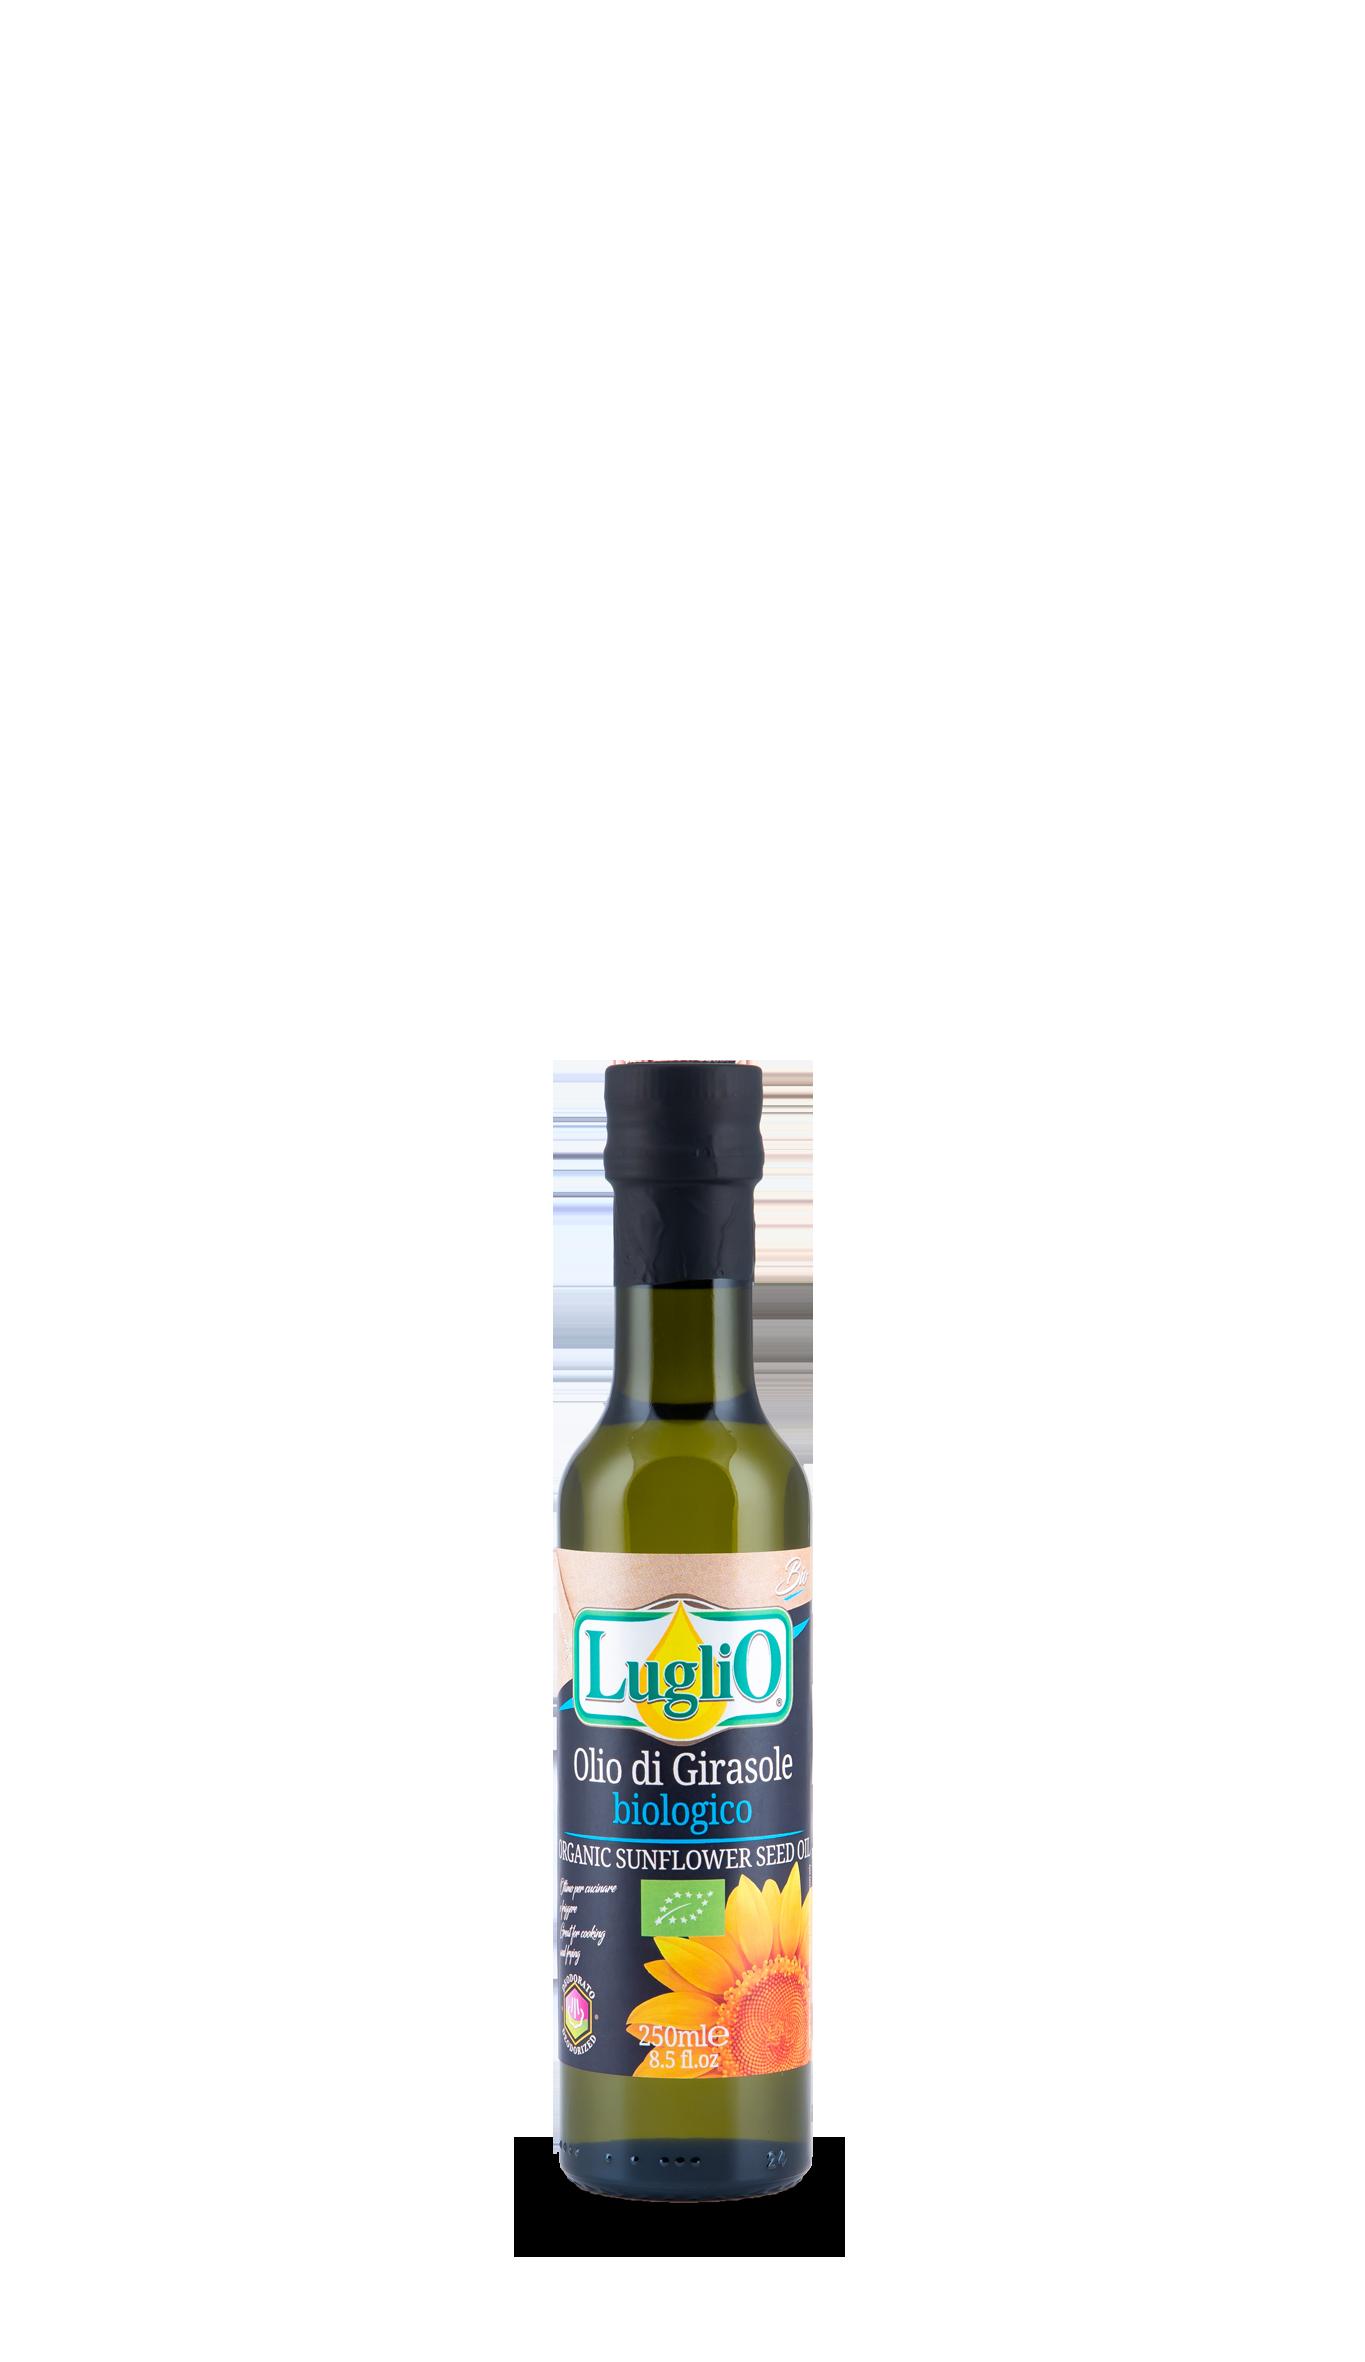 olio di girasole 250 ml olio luglio